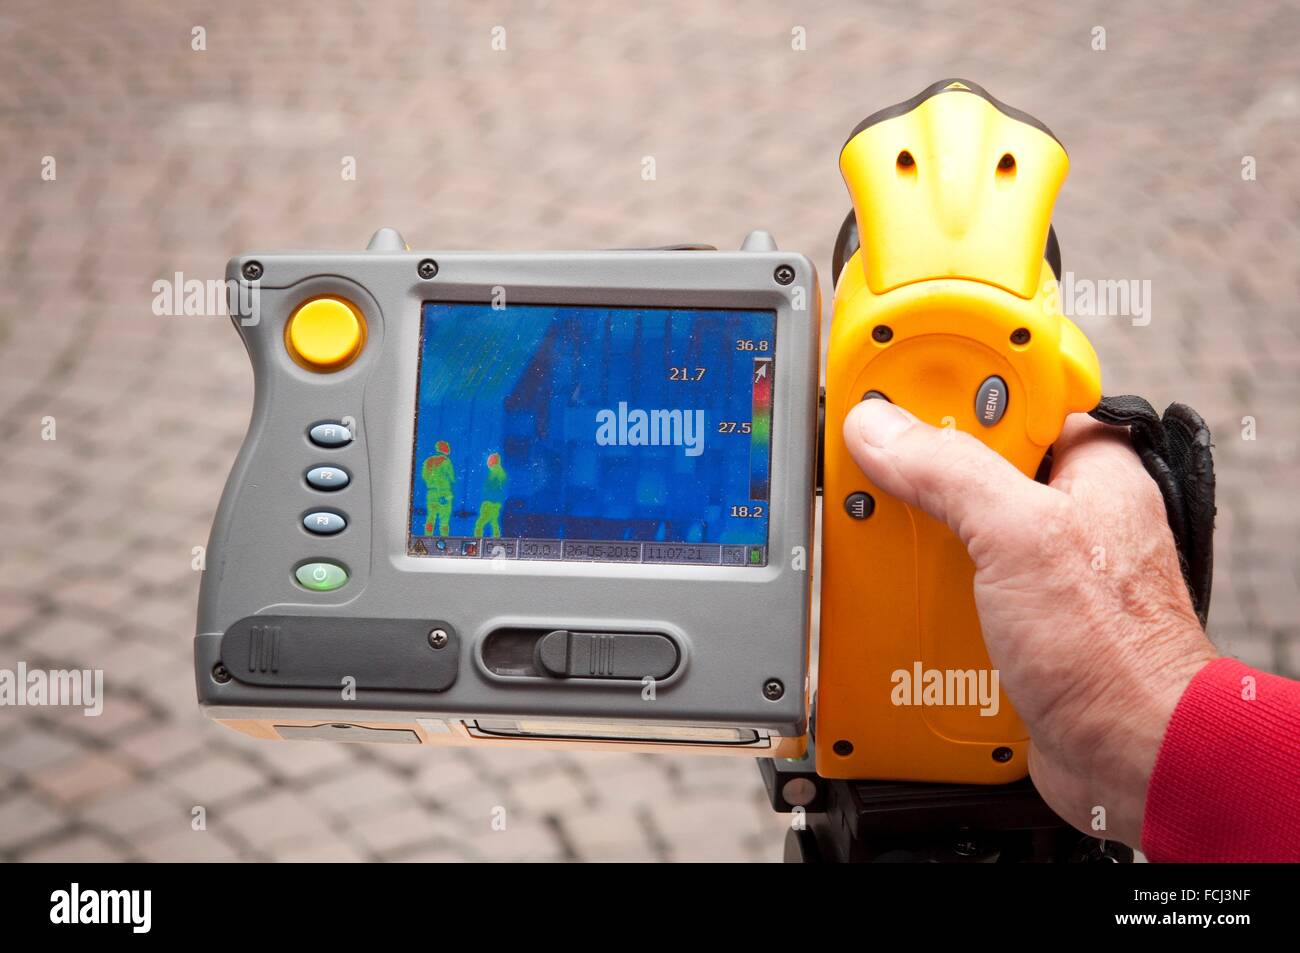 Thermal Imaging Camera.. - Stock Image